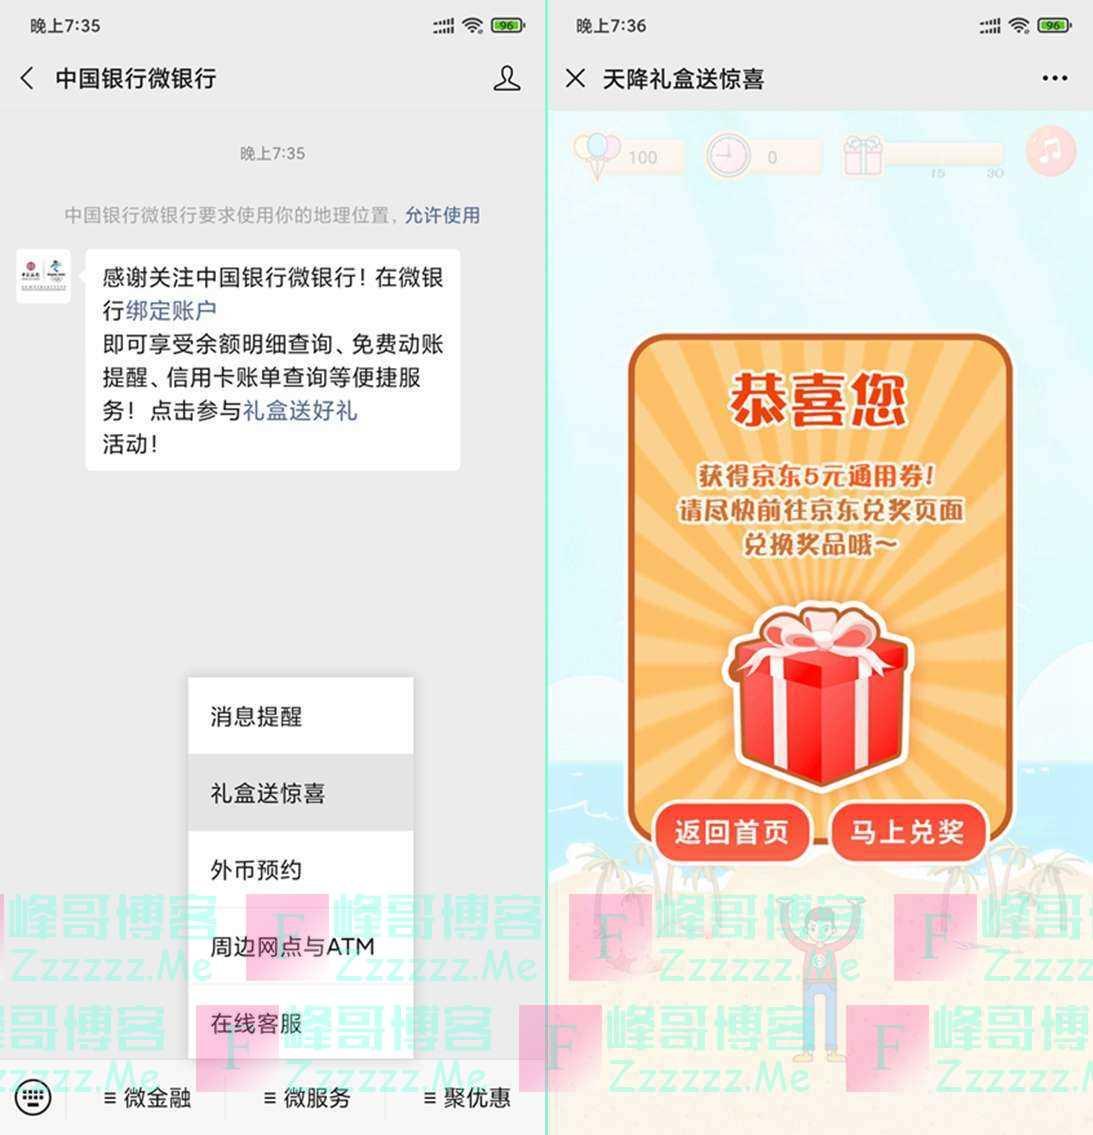 中国银行微银行活动 抽5元京东支付券或爱优腾视频VIP会员月卡